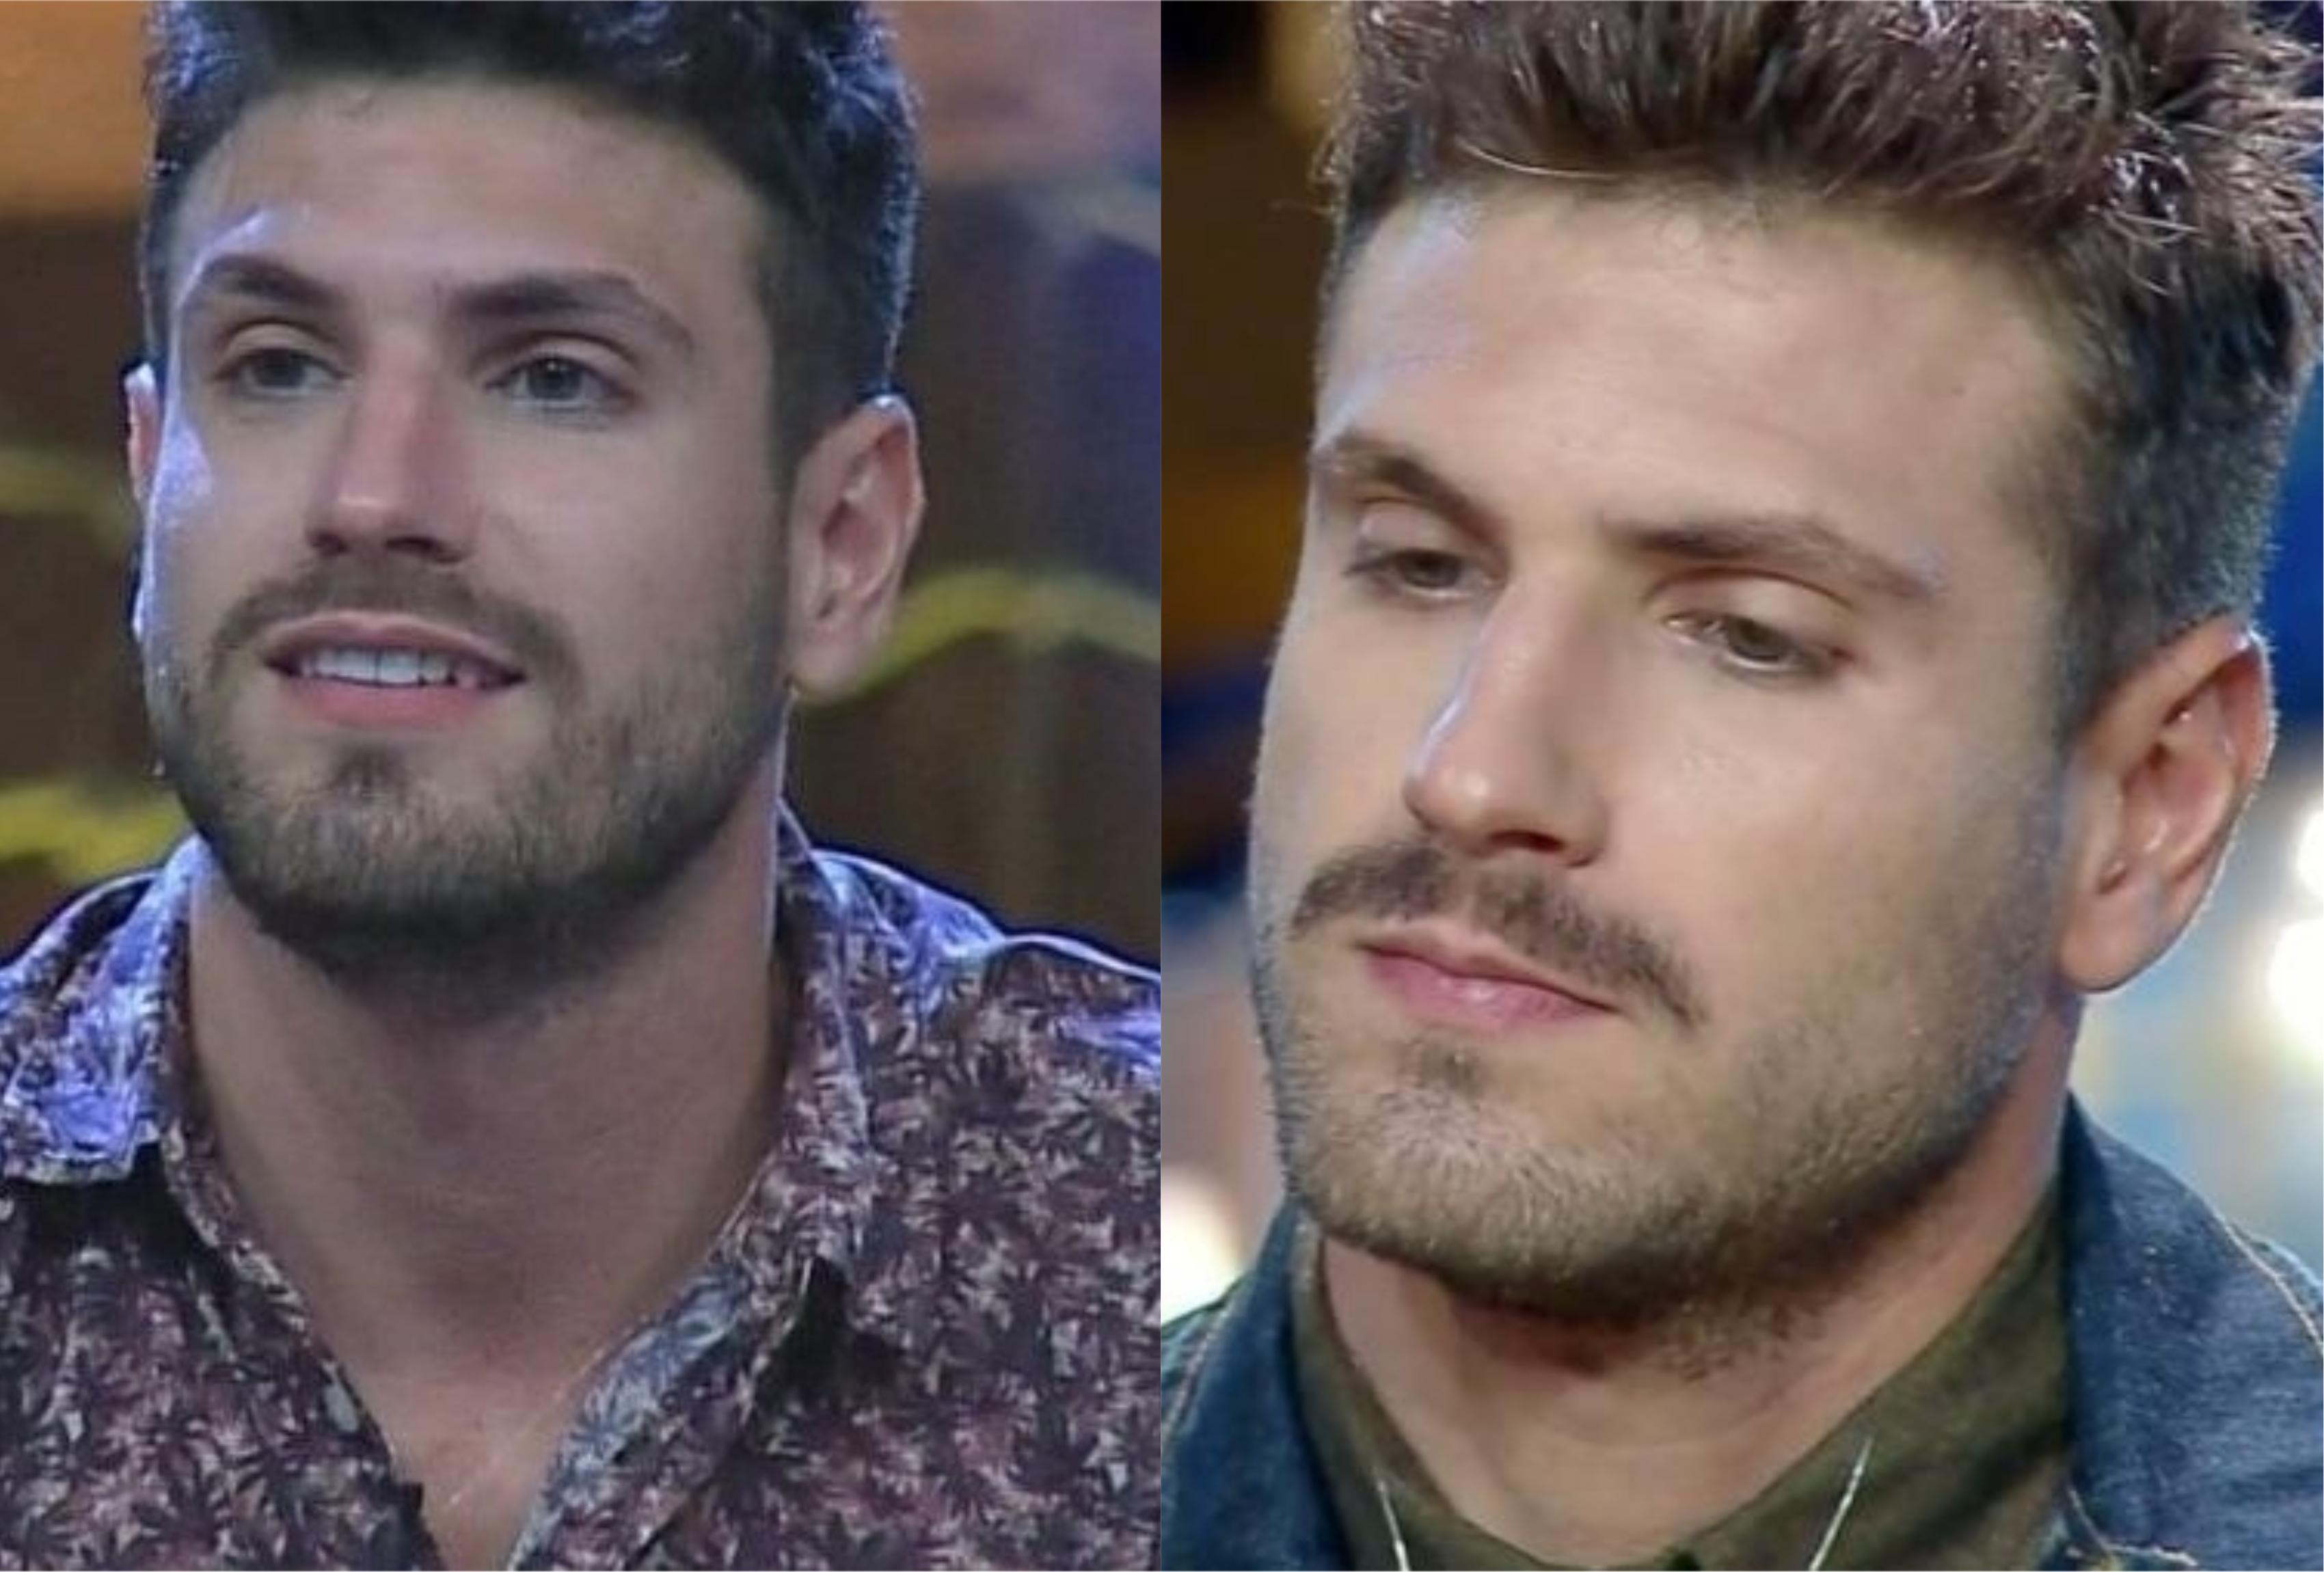 Guilherme Leão foi eliminado de A Fazenda 11 em Roça com Lucas Viana (Montagem: TV Foco)